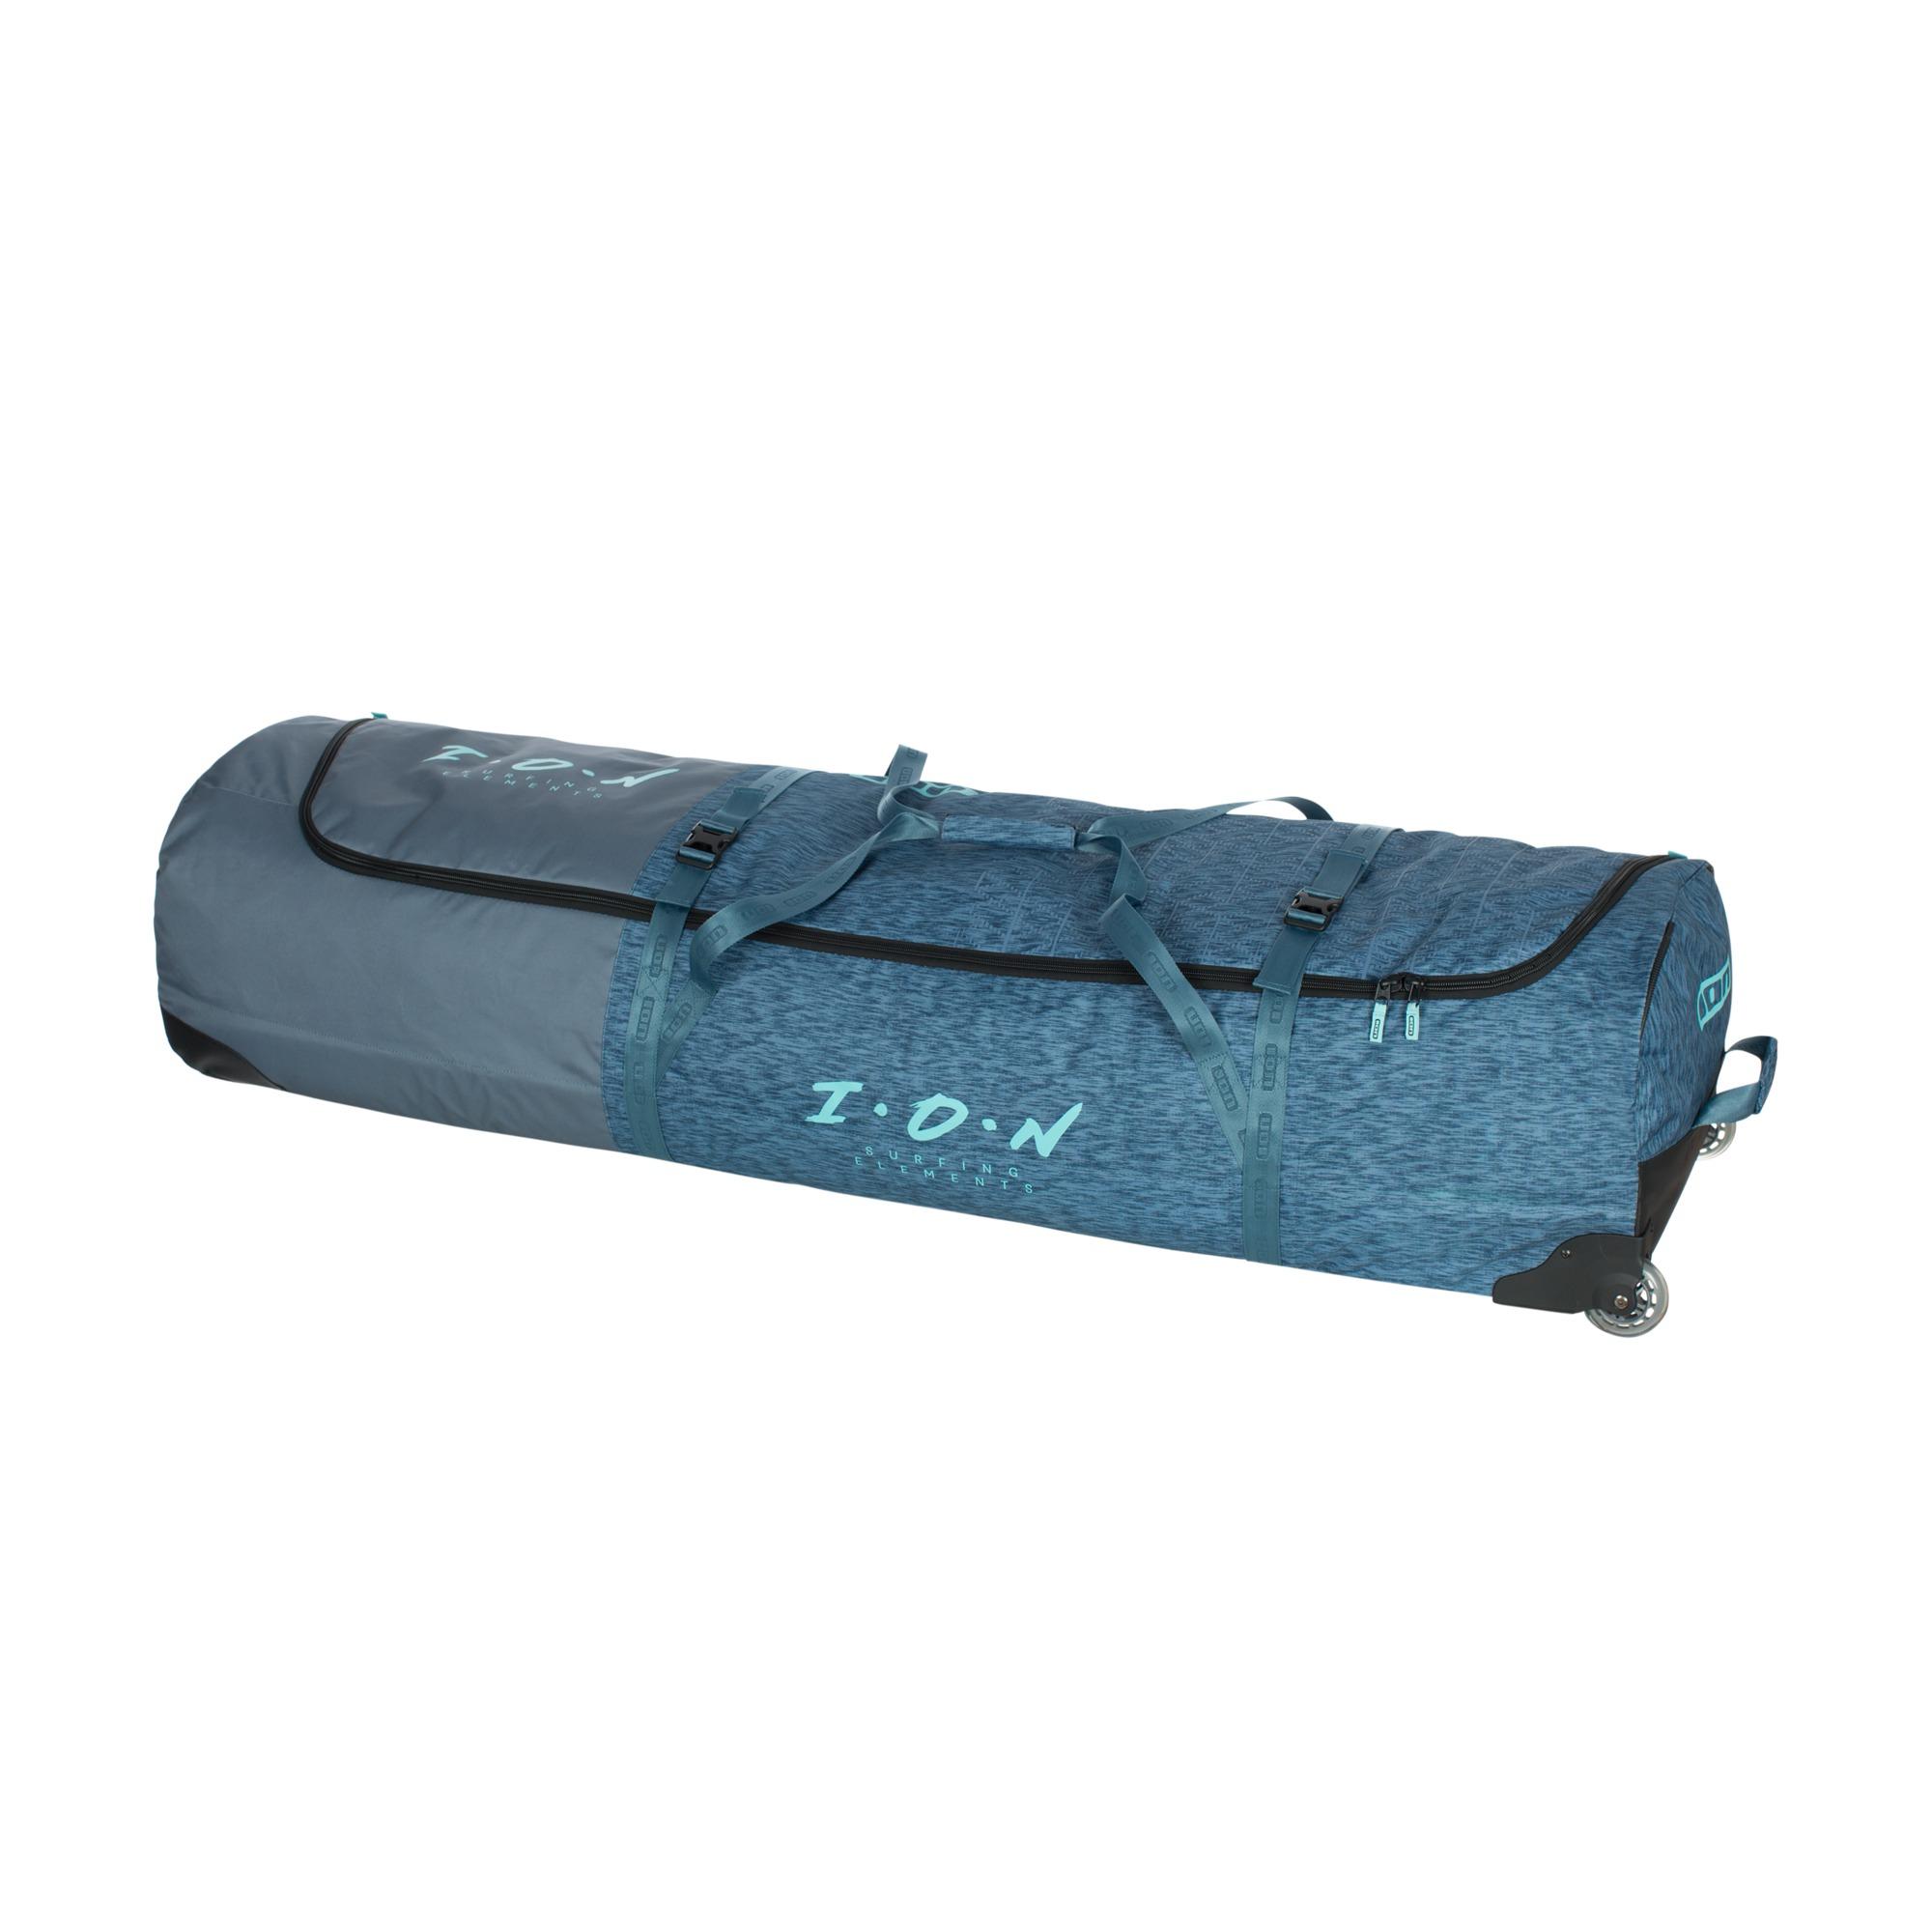 附拖輪風箏板裝備袋_藍